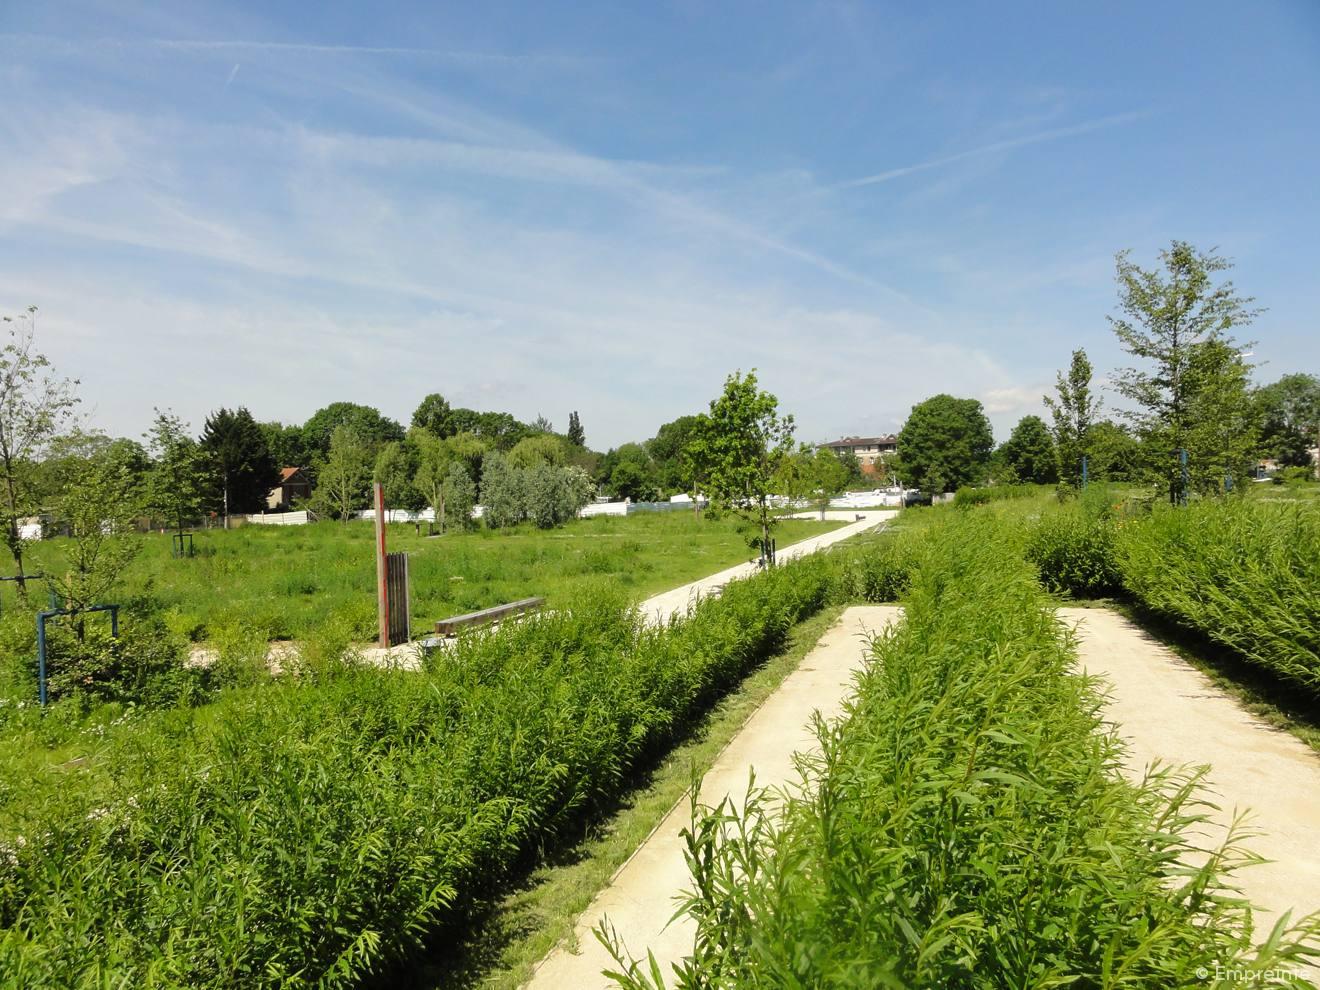 Parc des rives de l yerres empreinte bureau de paysages for Agence empreinte paysage